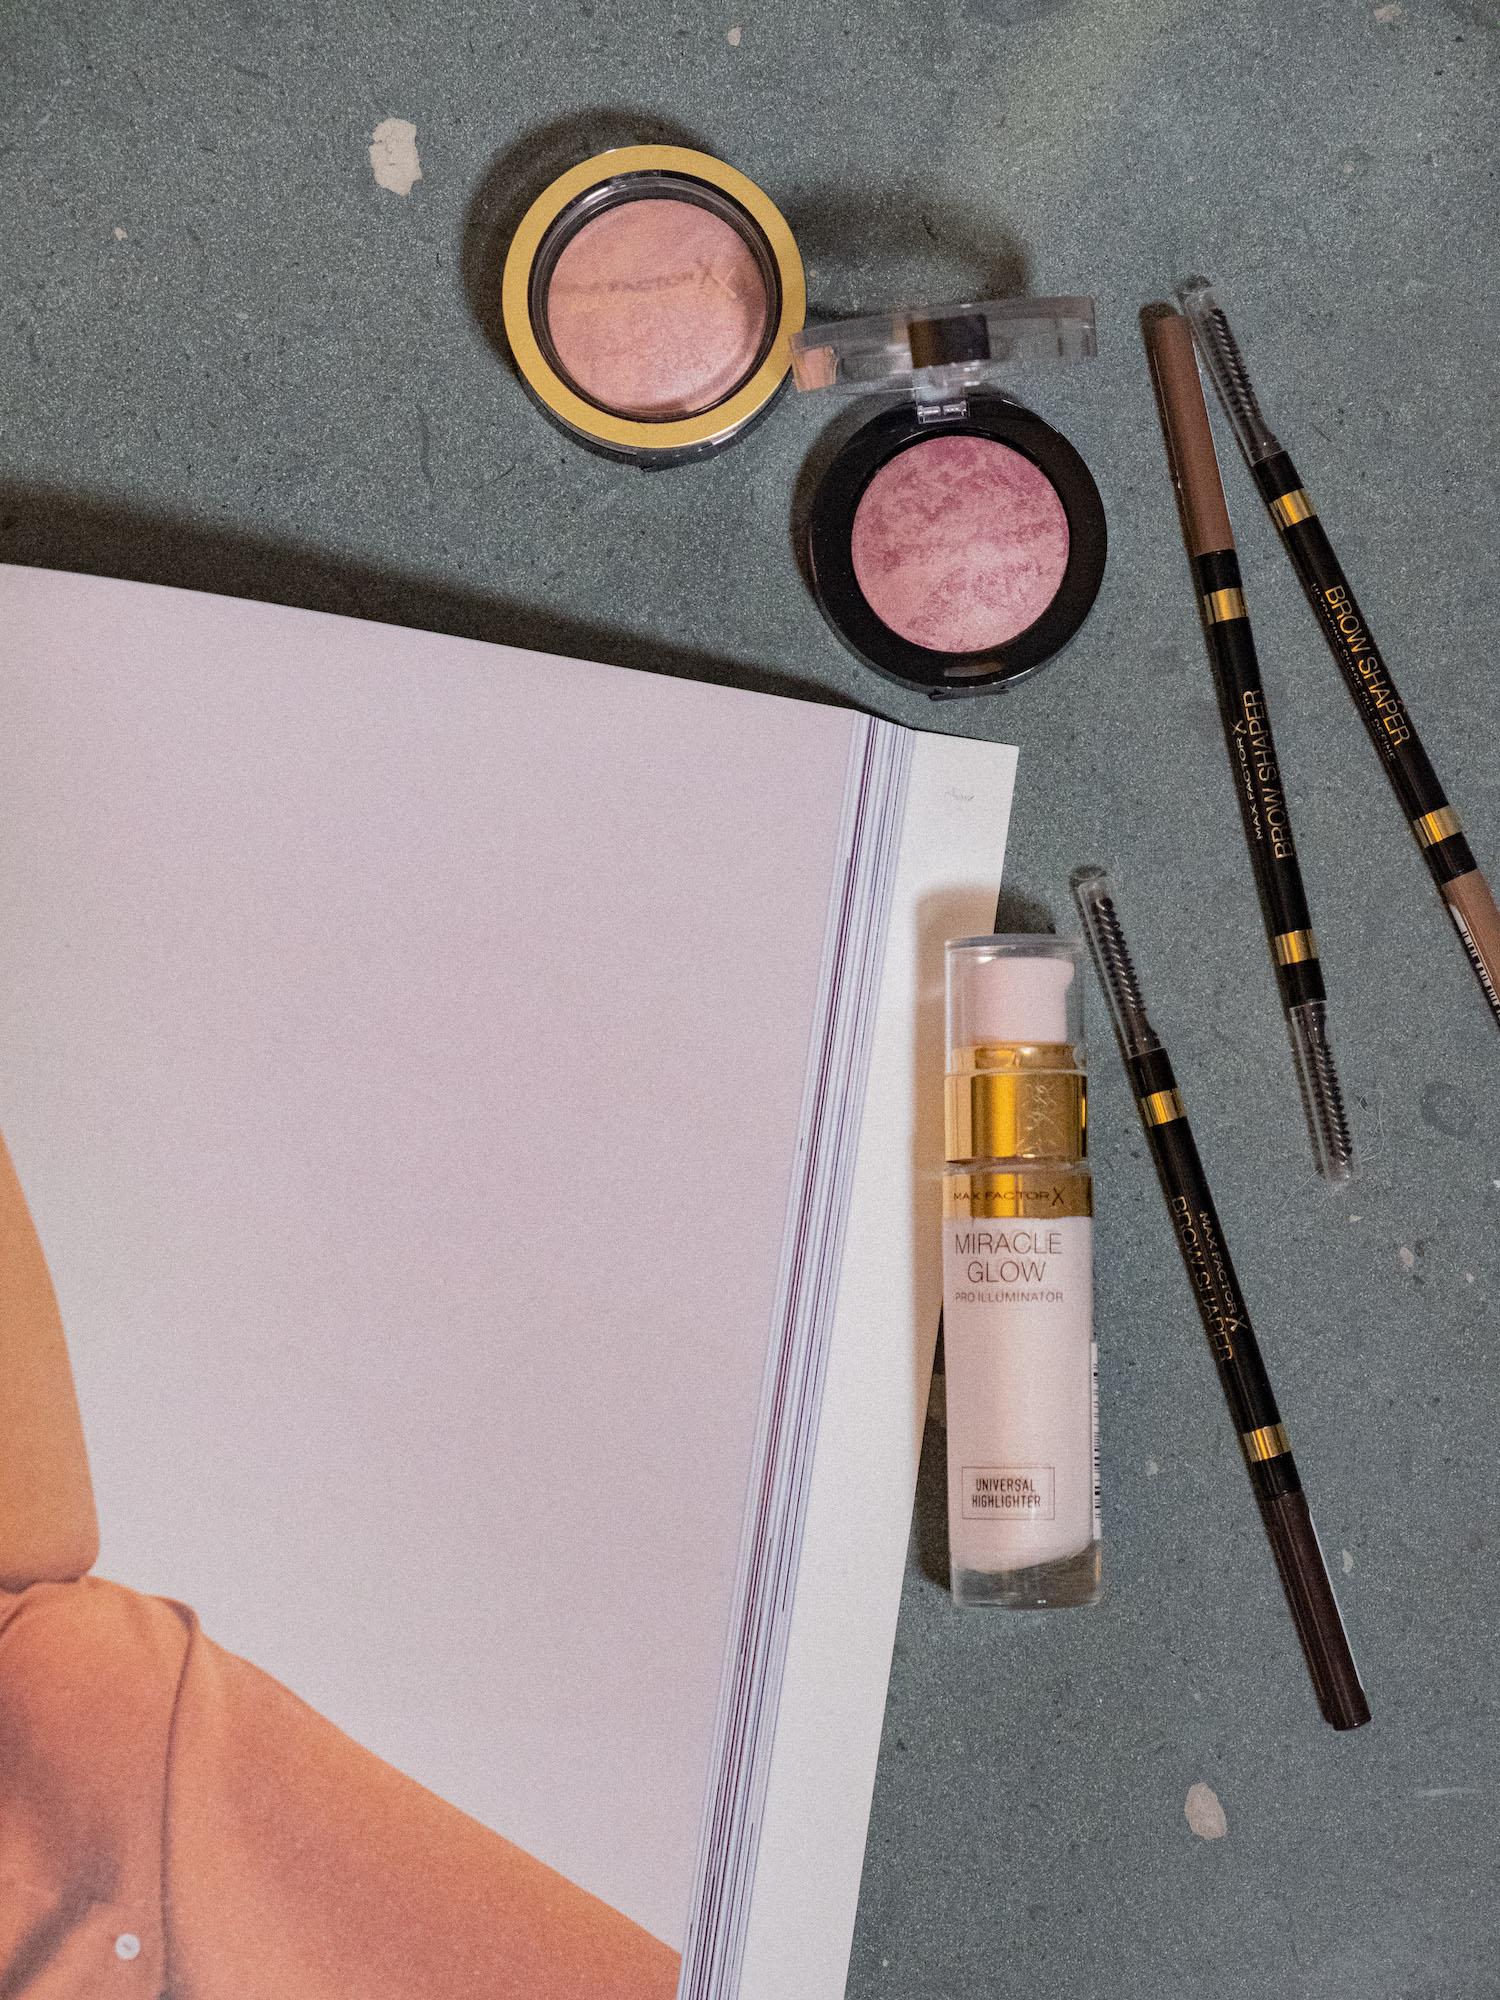 Bare Minds Beauty Adventskalender Max Factor Miracle Glow Pro Illuminator 1